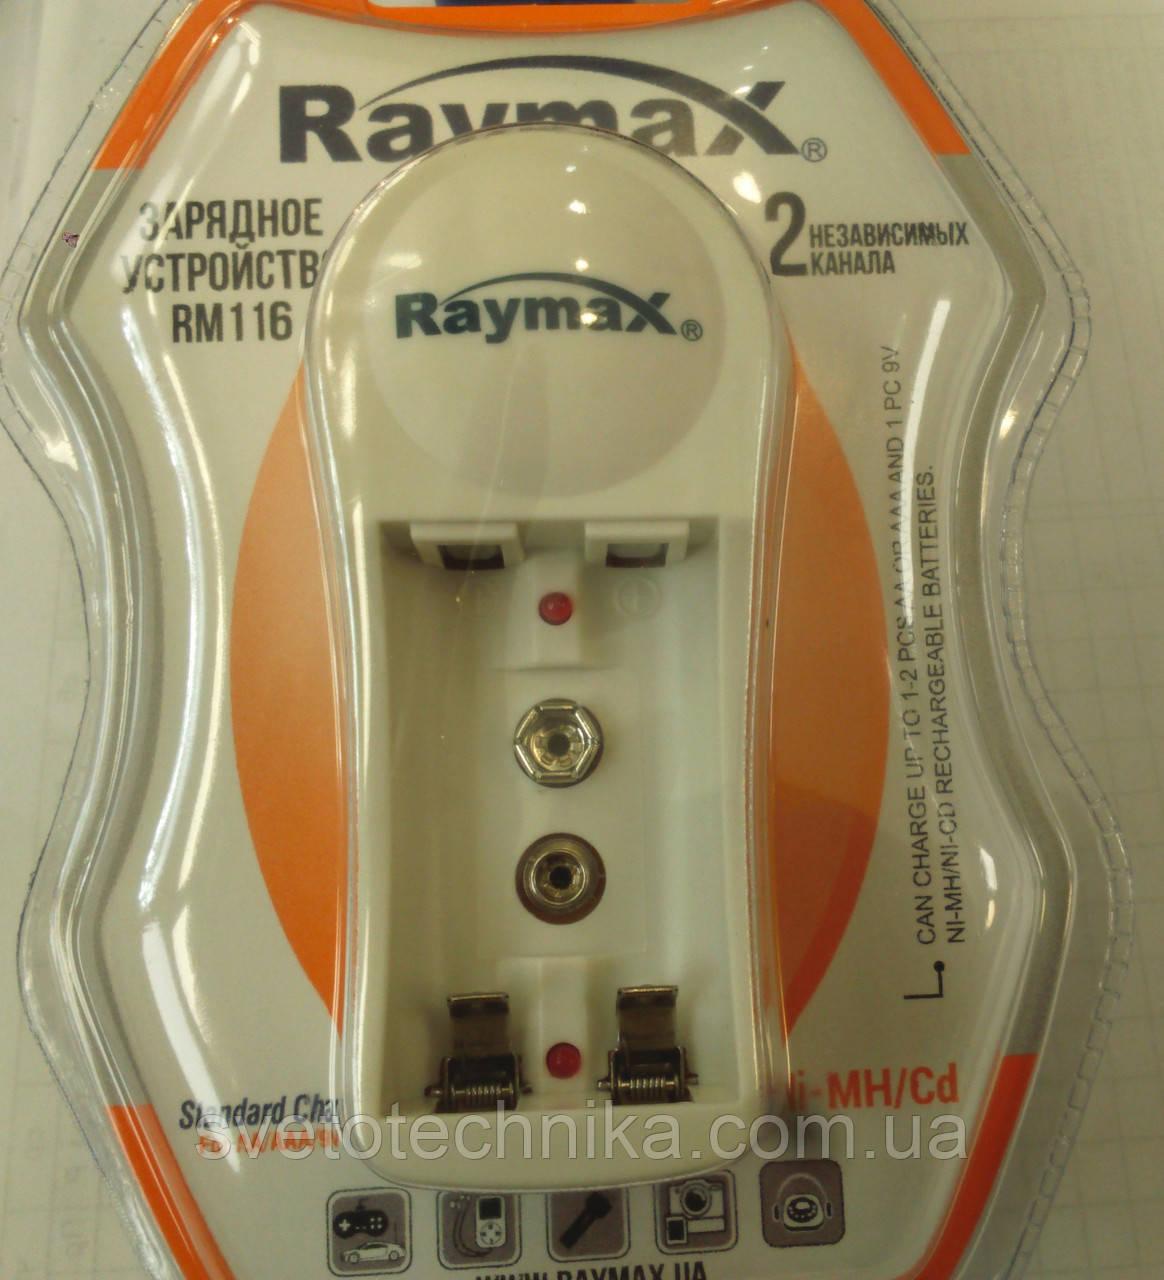 Полуавтоматическое зарядное устройство для  аккумуляторов Raymax RM116 1.5V